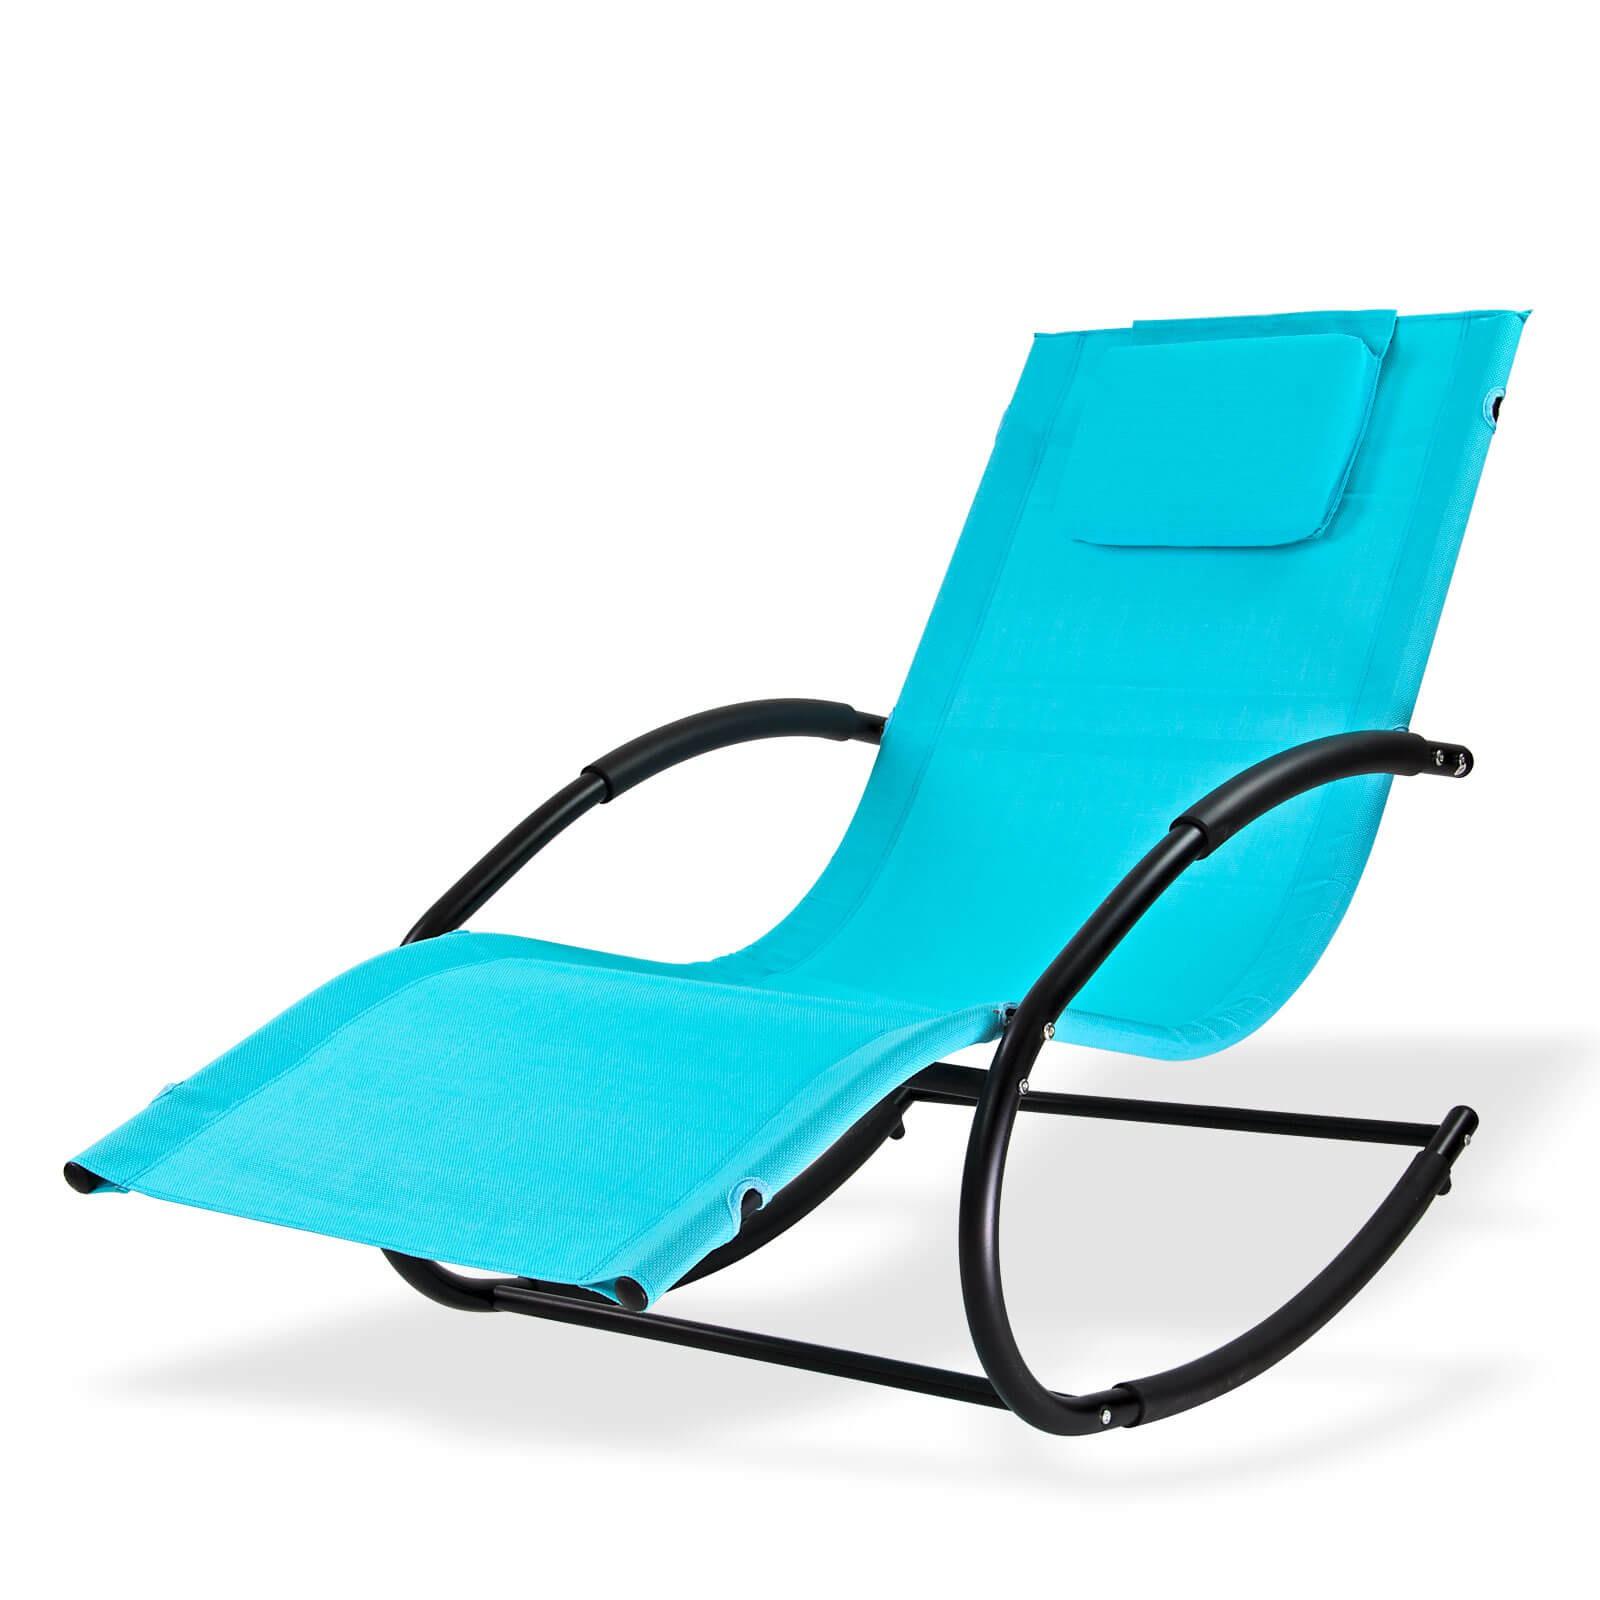 Dema Sonnenliege Relaxliege Gartenliege Liegestuhl Schaukelliege Swing Hellblau 94086